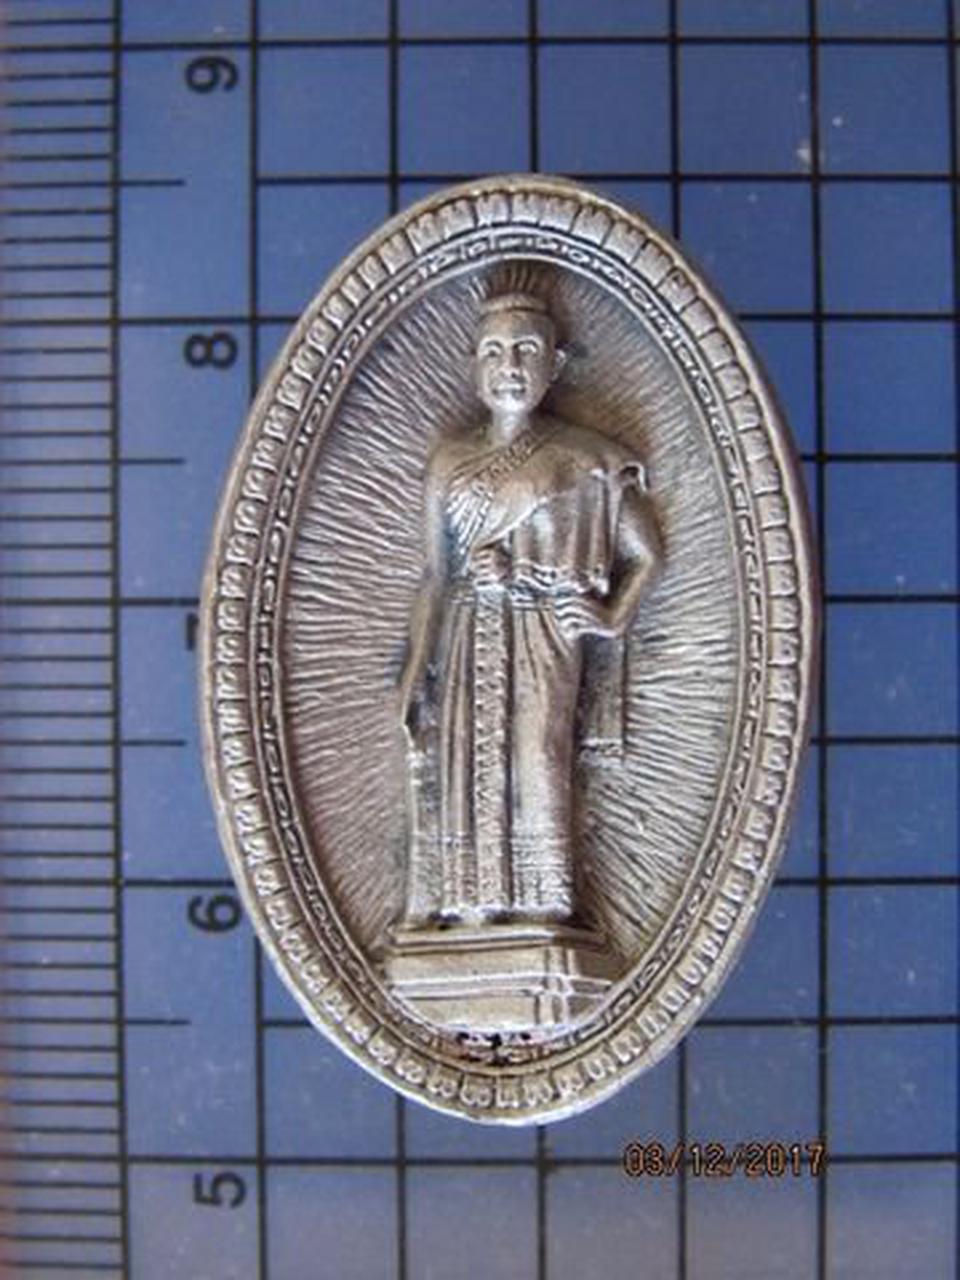 4972 เหรียญหล่อย่าโม ฉลองครบรอบ 25 ปี สโมสรไลออนส์โคราช รูปที่ 1